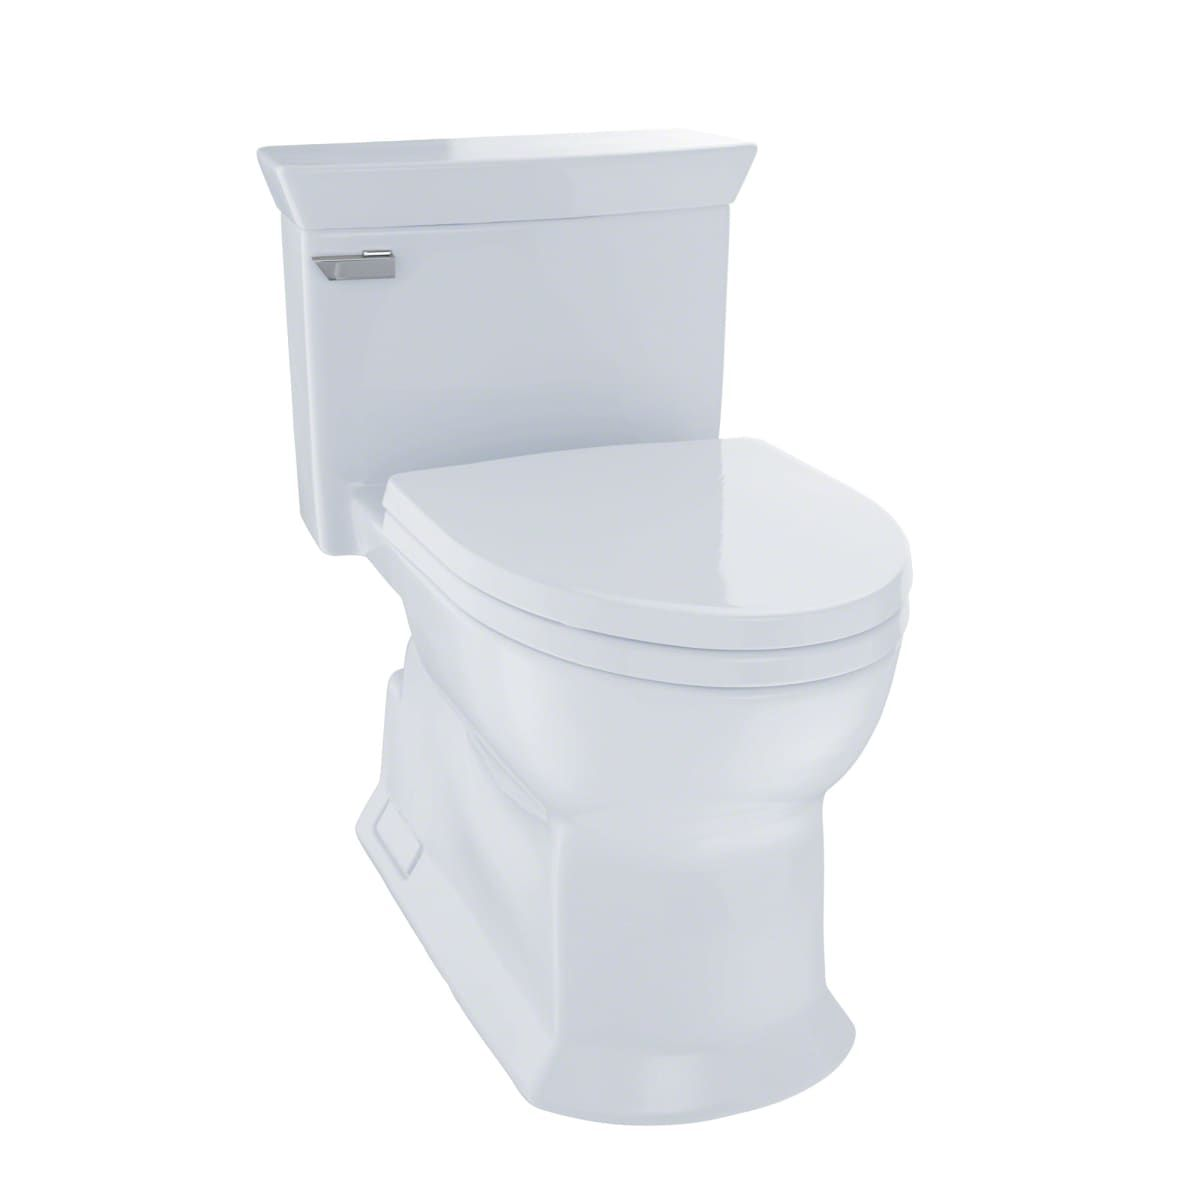 Toto Ms964214cefg Toto Toilet Ada Toilet One Piece Toilets